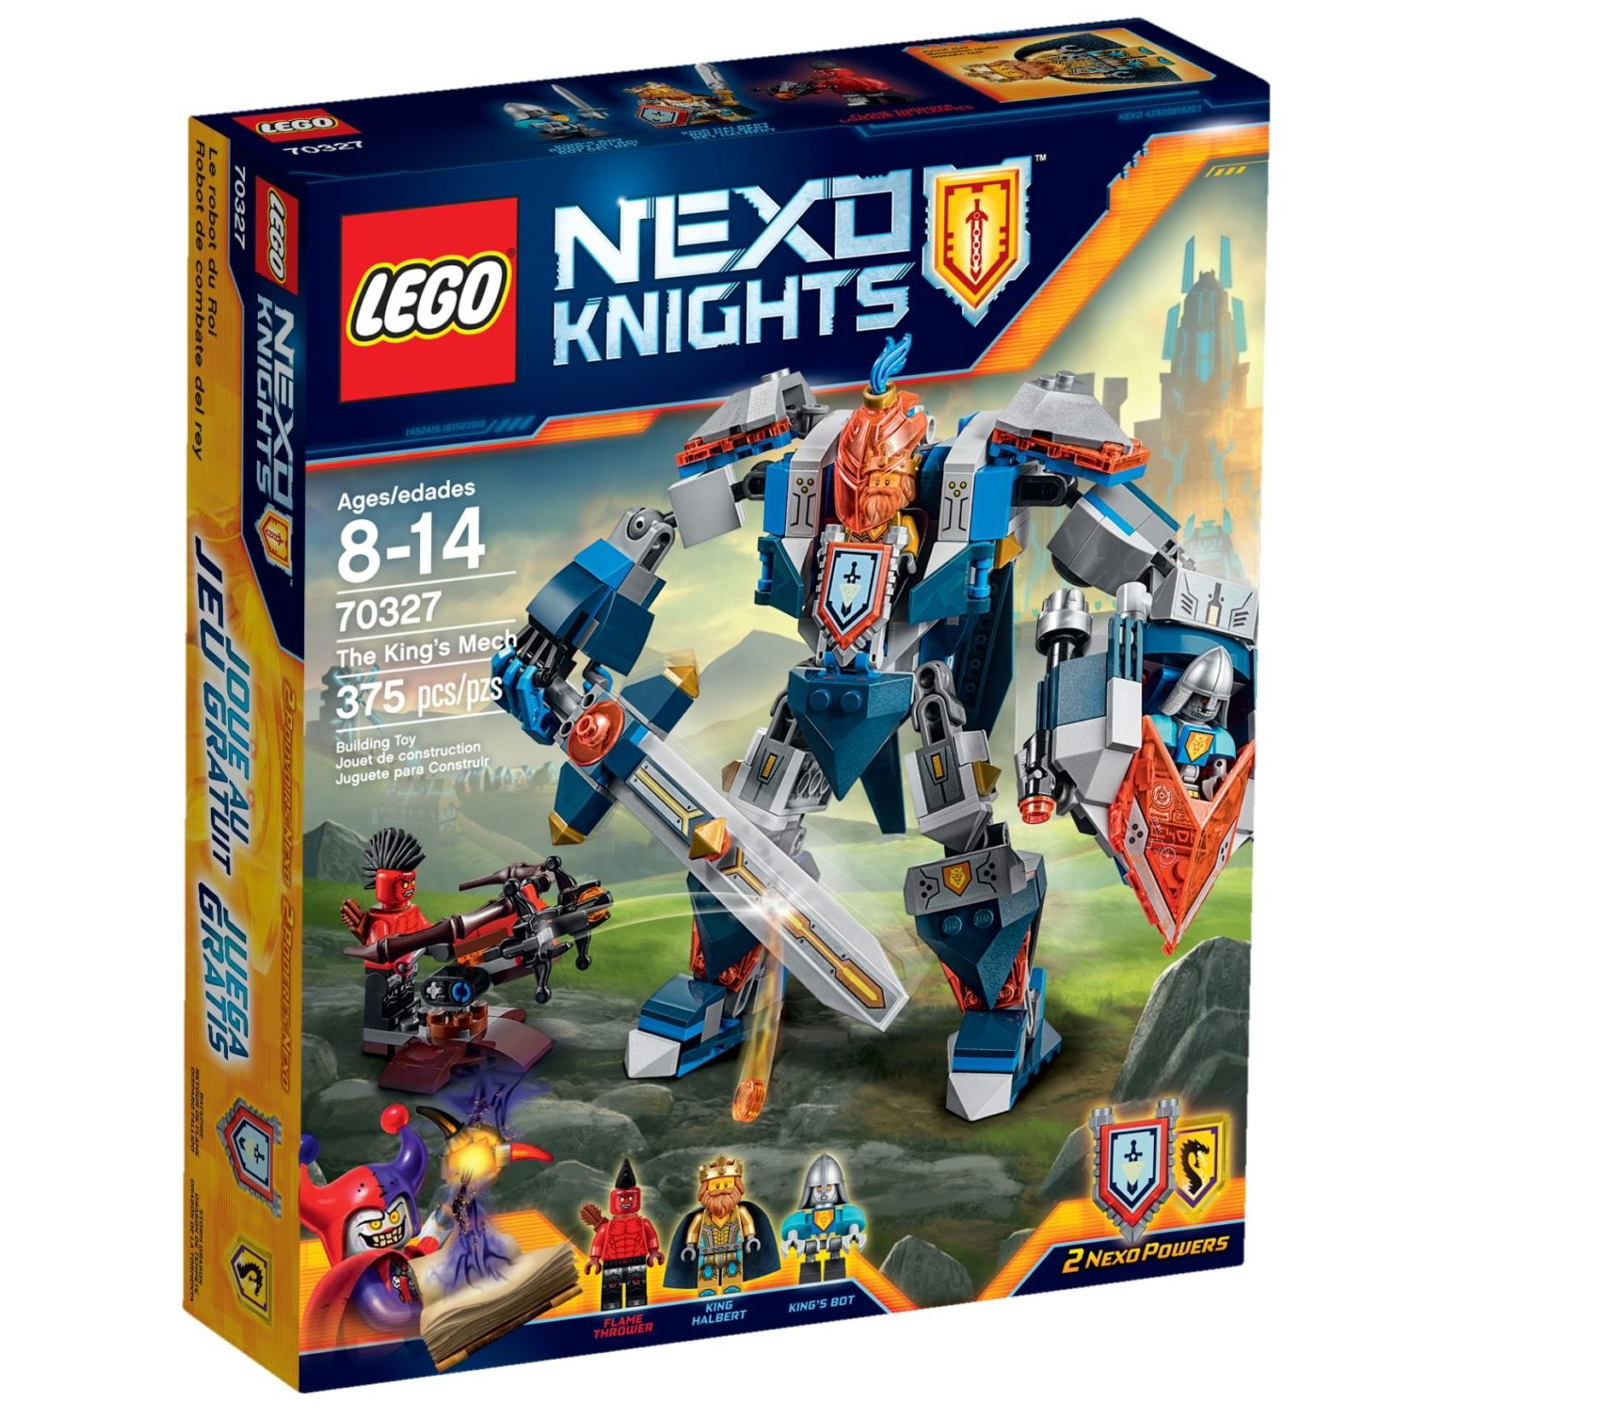 LEGO Nexo Knights 70327 Der Mech Des Koenigs Box 2016